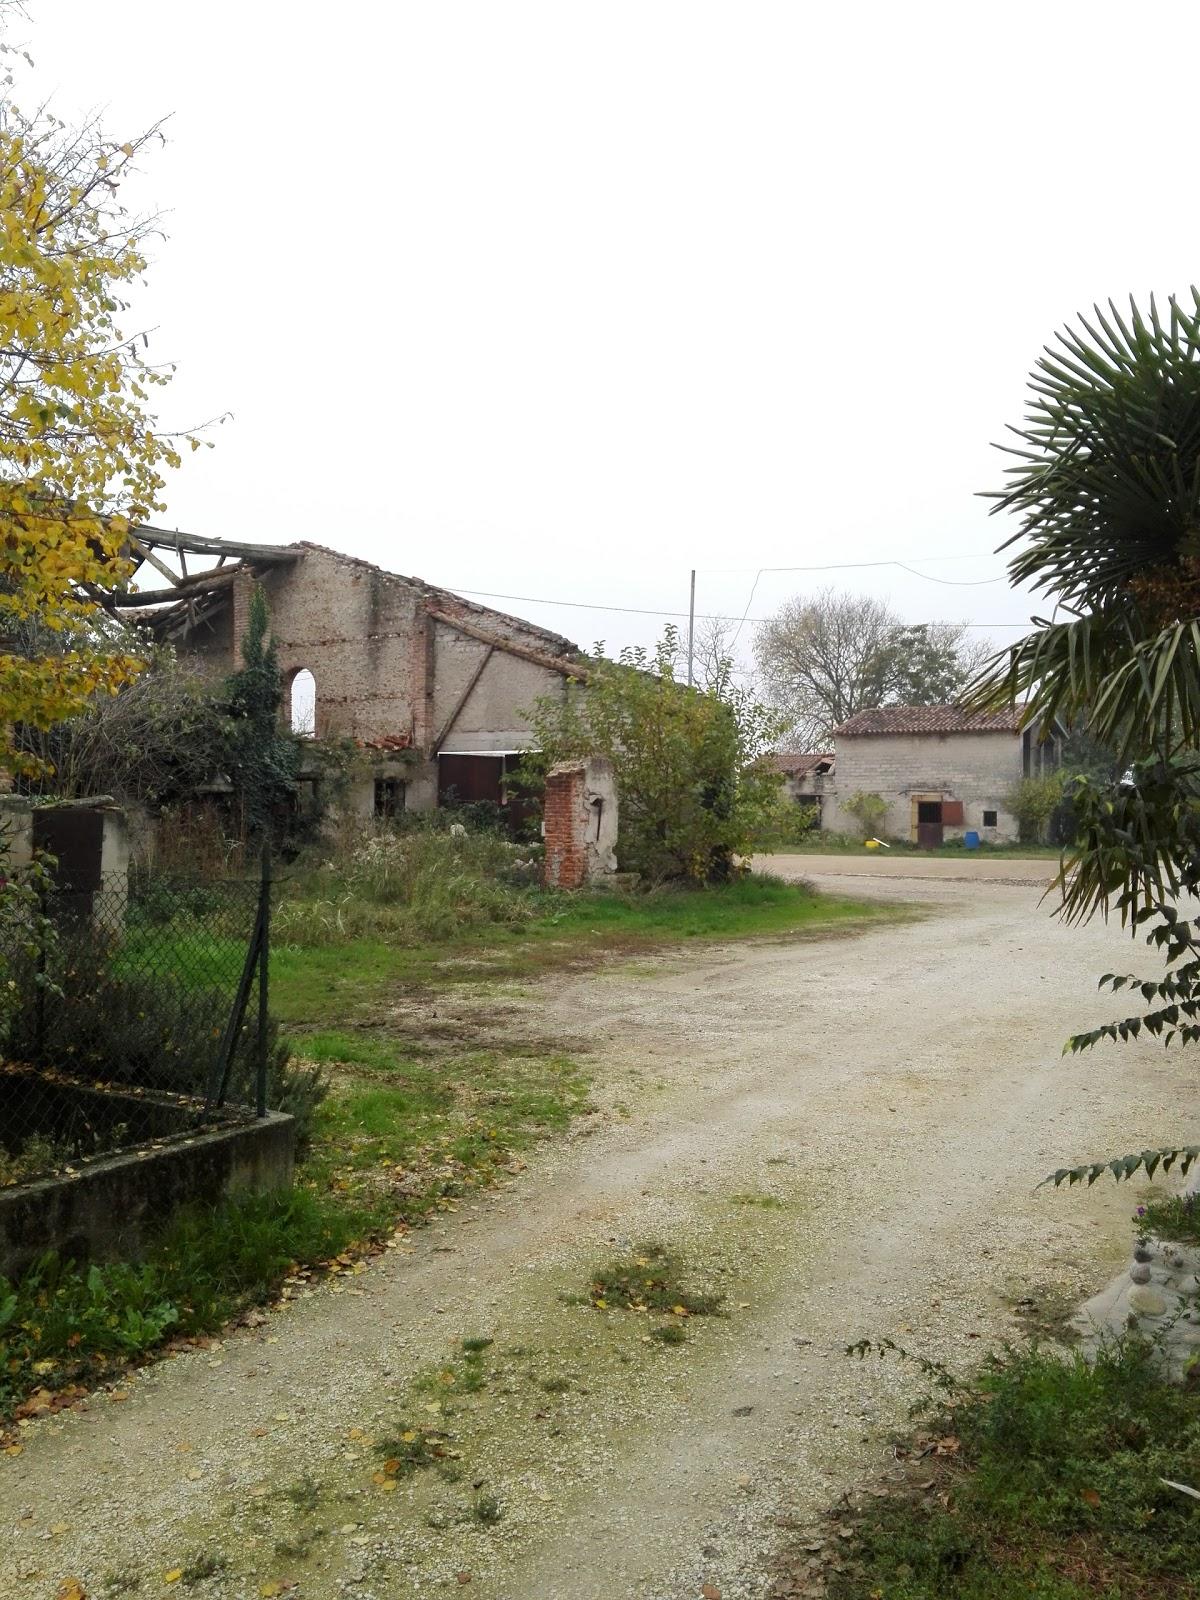 Arredo Bagno Venturi Povegliano.Arredobagno Povegliano Verona Italian Guide